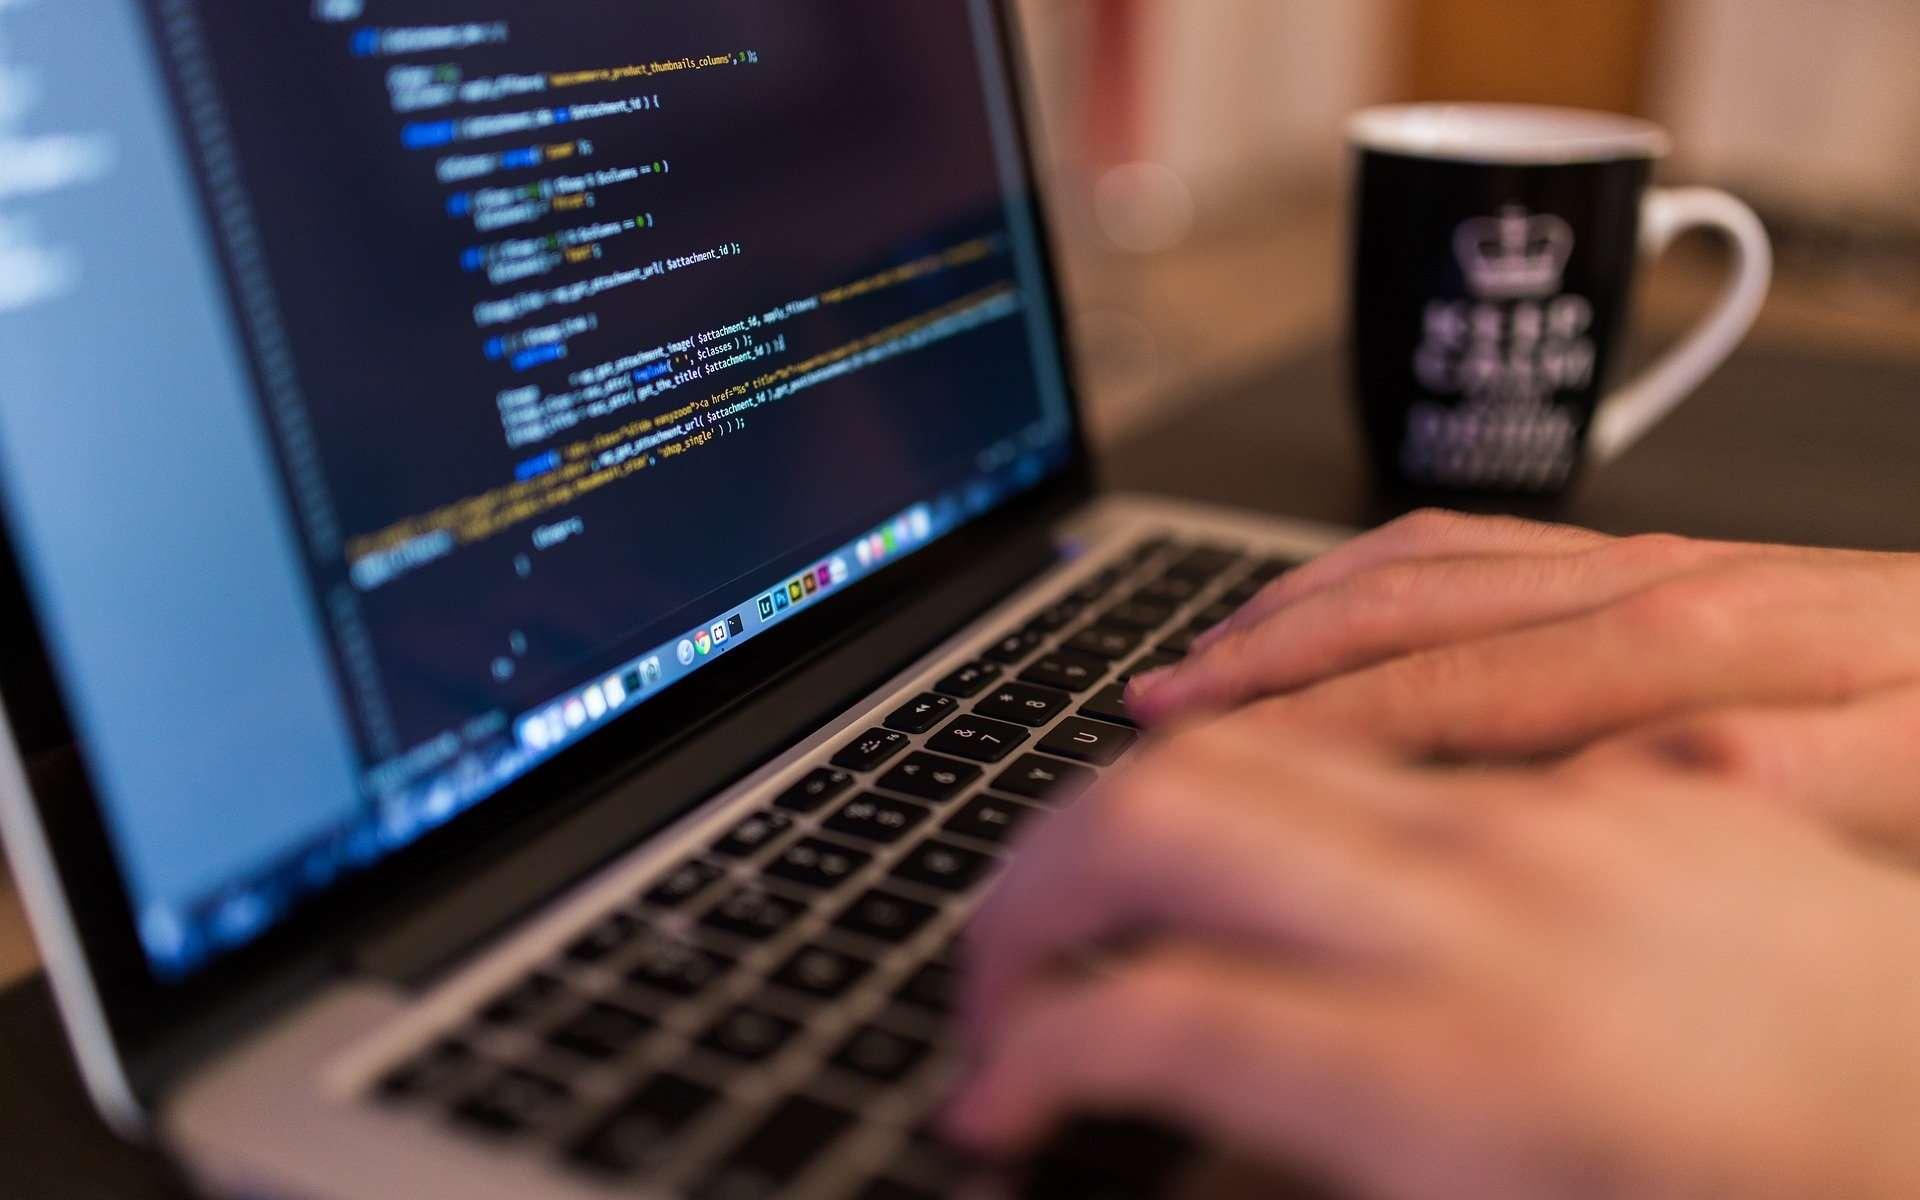 Formation au développement web : profitez d'une réduction exceptionnelle de 88%